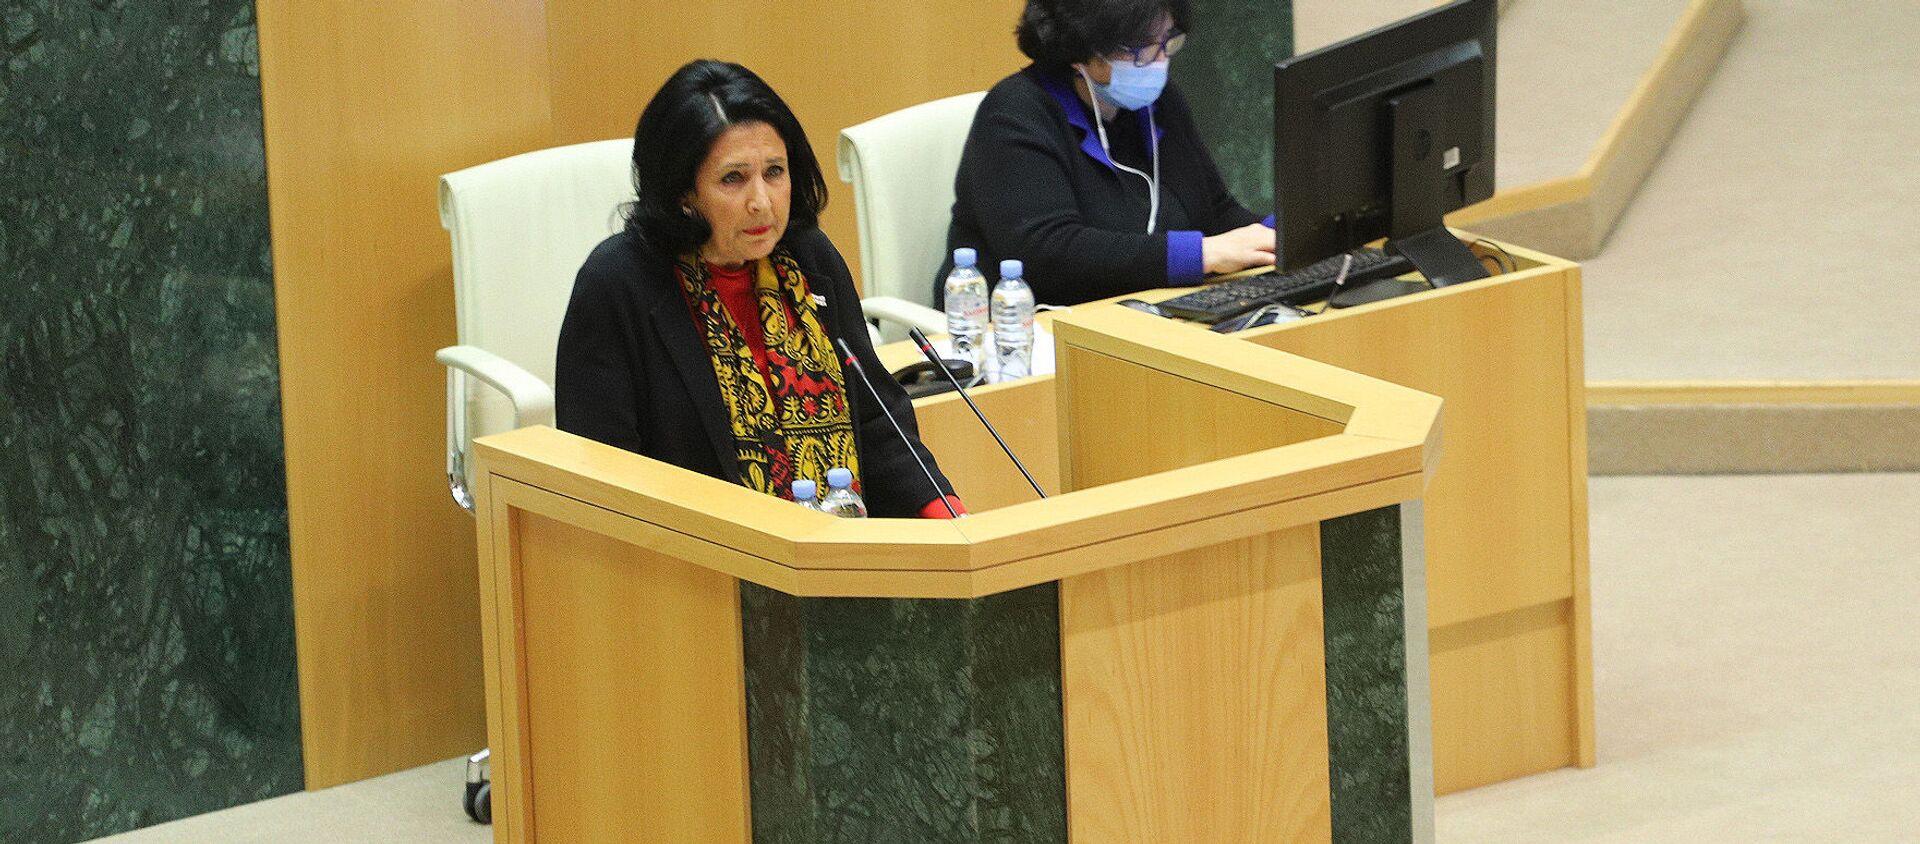 Саломе Зурабишвили. Парламент Грузии десятого созыва начал работу 11 декабря 2020 года  - Sputnik Грузия, 1920, 08.04.2021